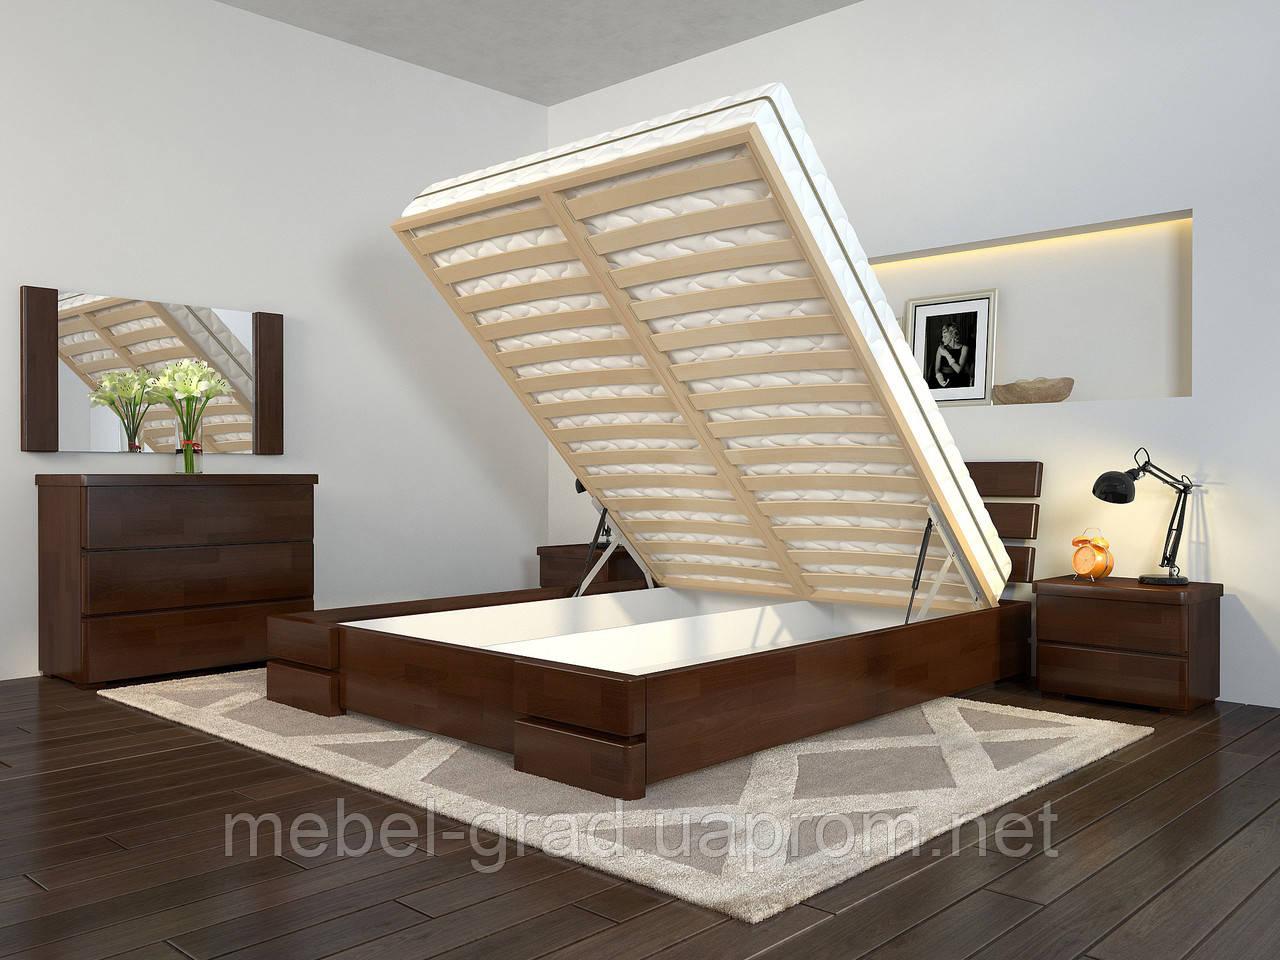 Кровать Arbordrev Дали Люкс с механизмом (160*190) бук